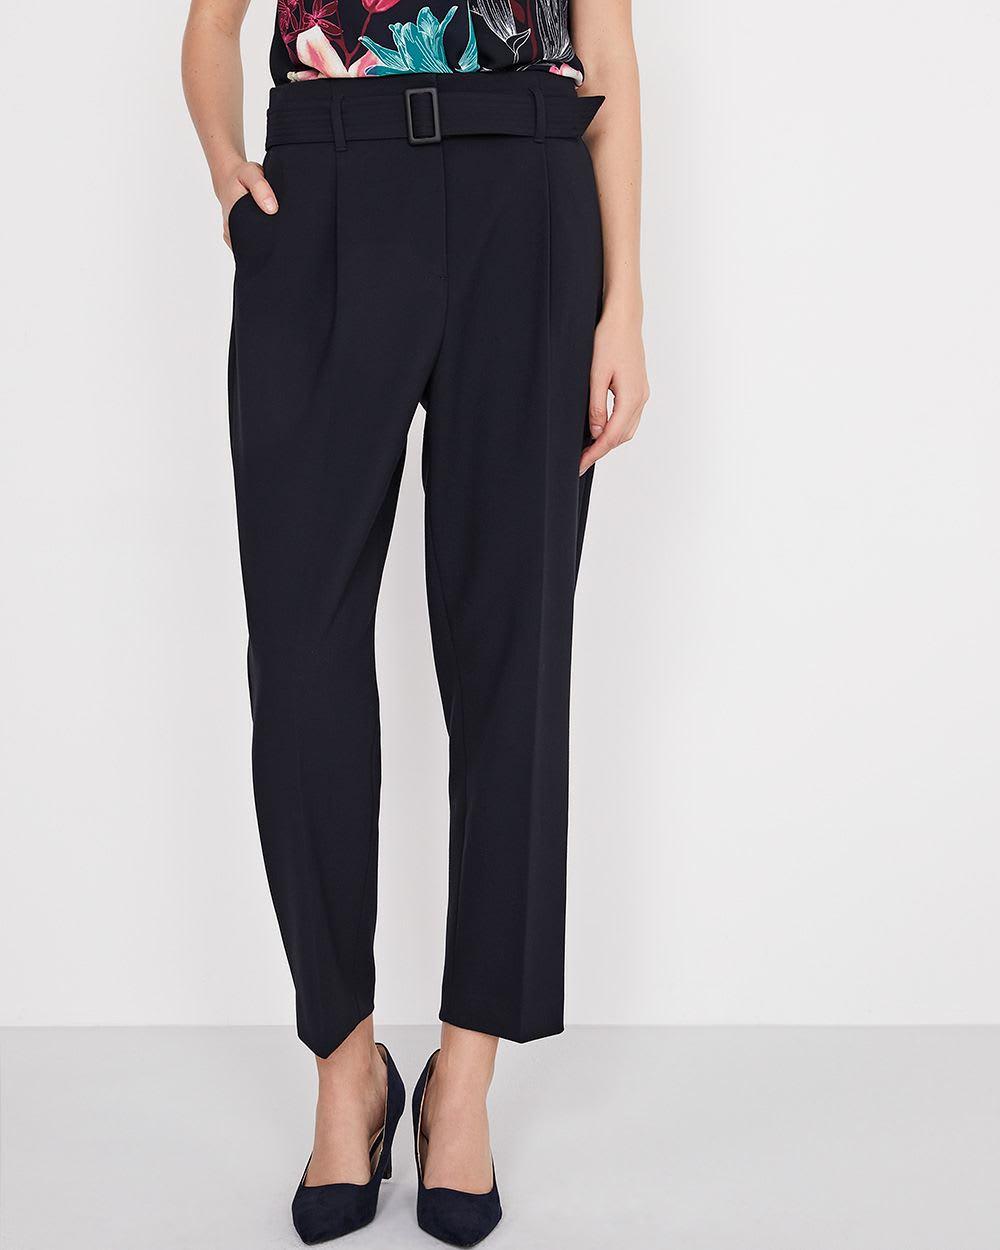 pantalon taille haute avec ceinture plis paper bag rw co. Black Bedroom Furniture Sets. Home Design Ideas